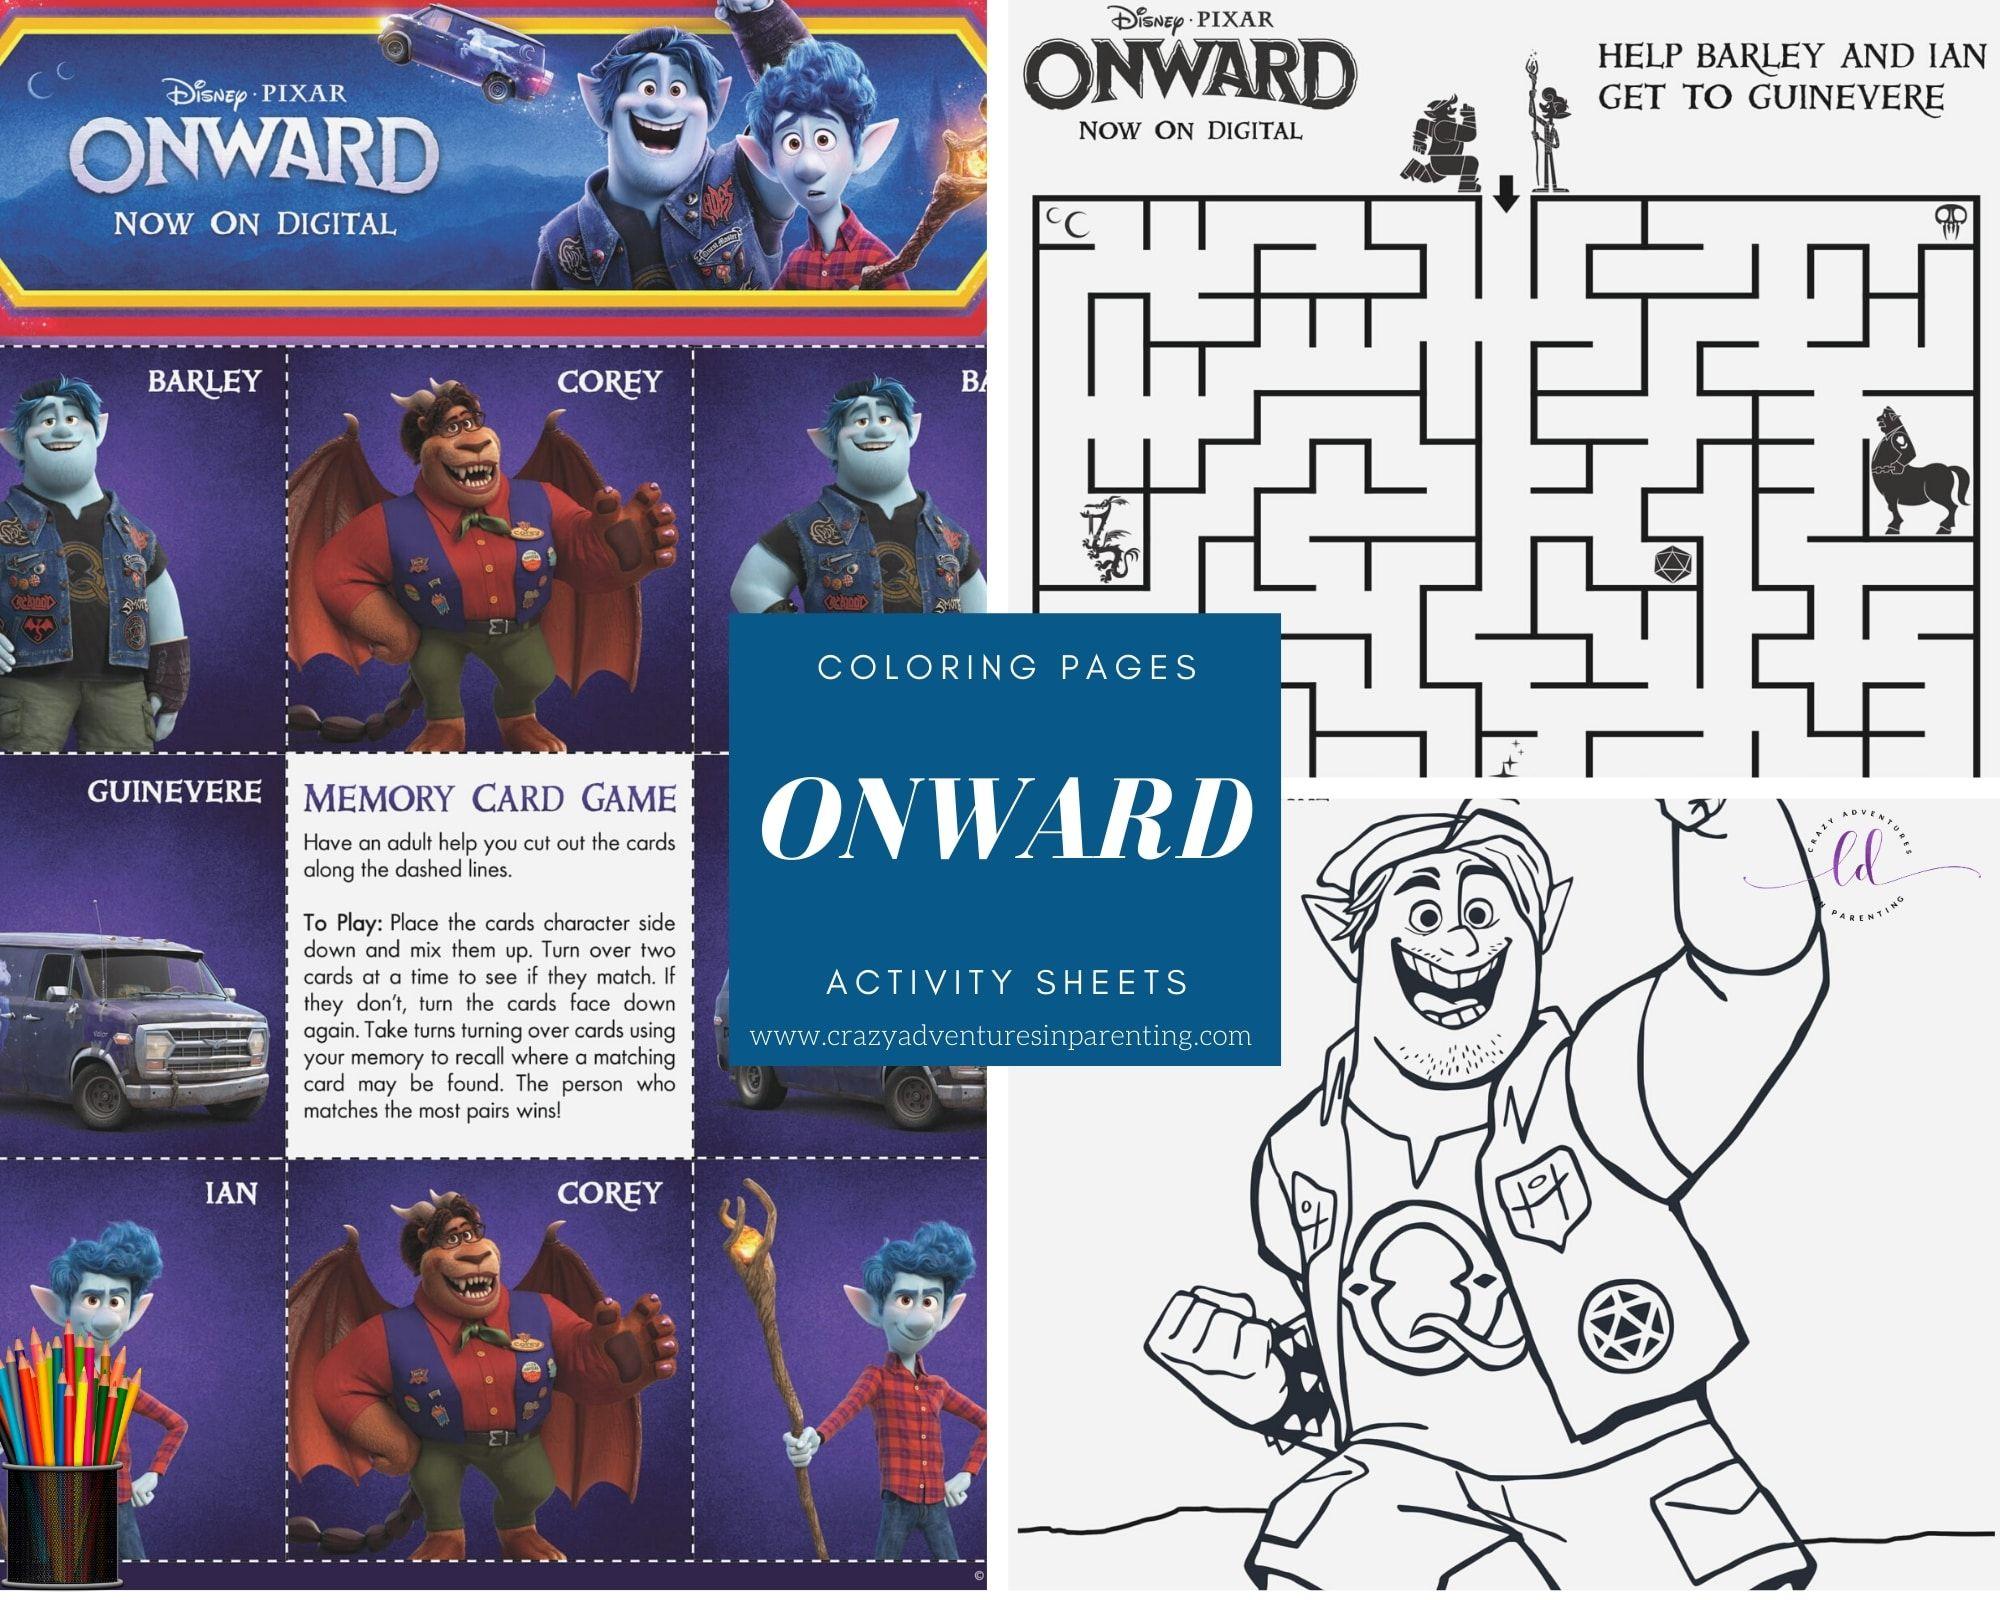 Onward Coloring Pages And Activity Sheets Pixaronward